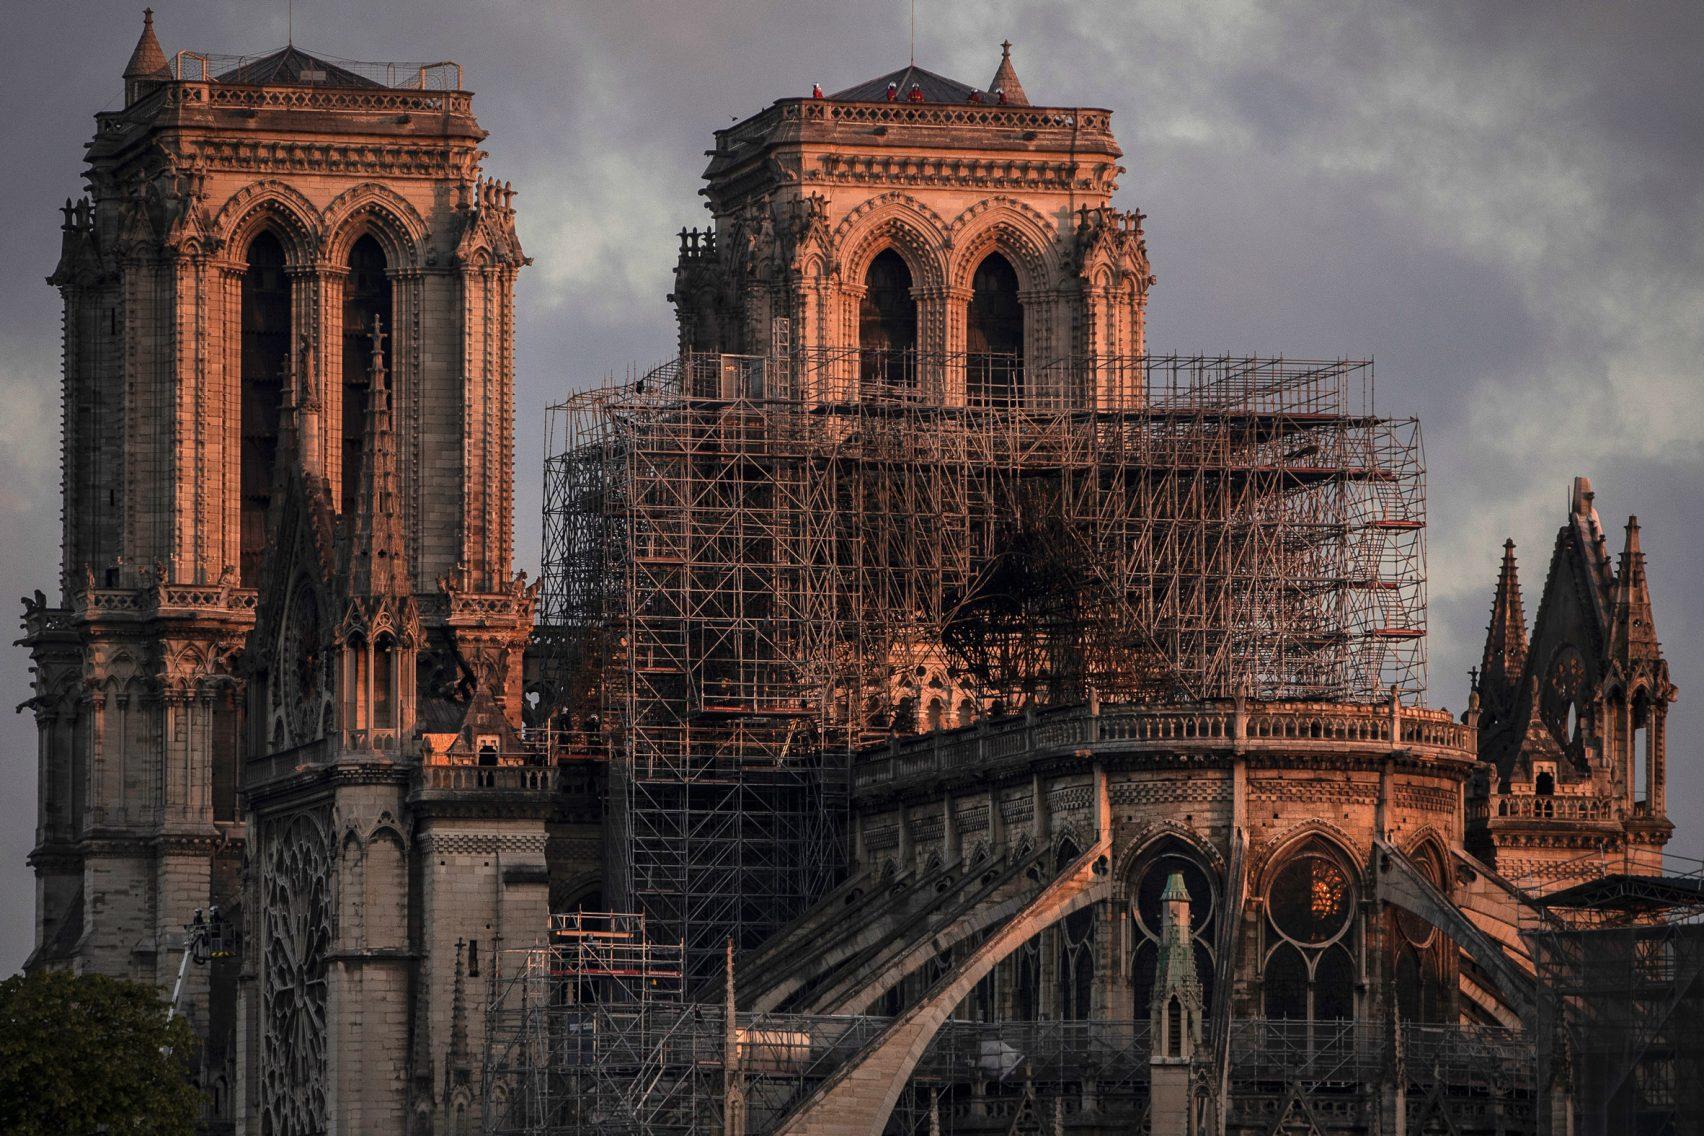 Francja zorganizuje konkurs na projekt nowej wieży dla Notre-Dame. Polacy już planują w nim startować